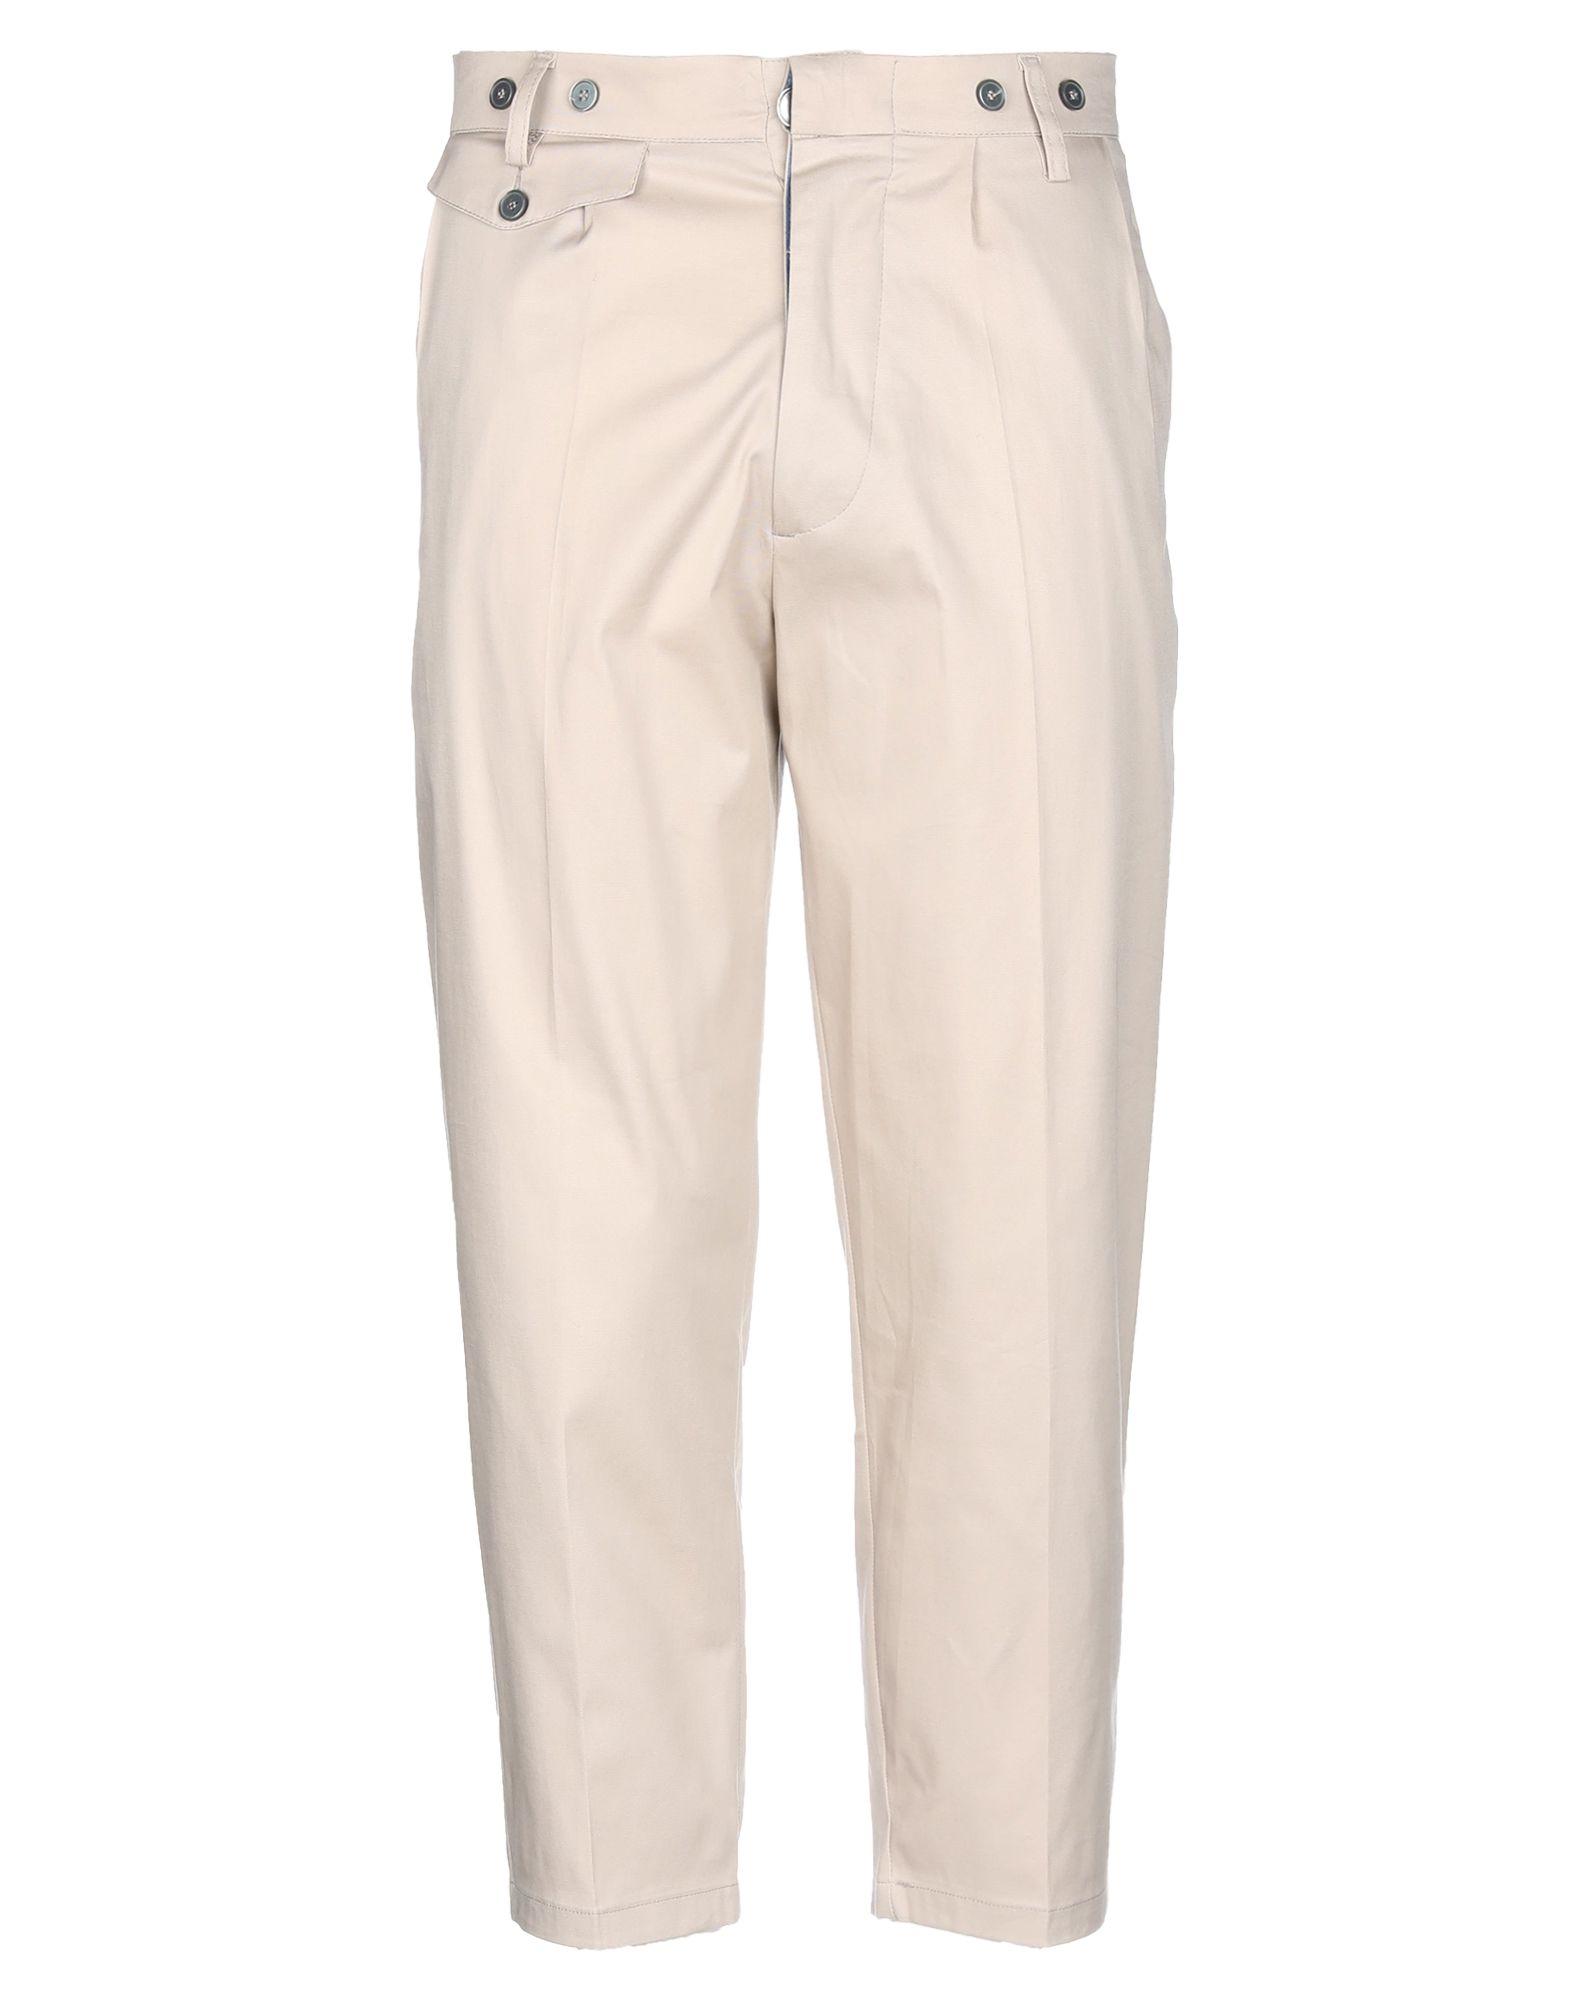 《送料無料》JOHN SHEEP メンズ パンツ ベージュ 50 コットン 98% / ポリウレタン 2%